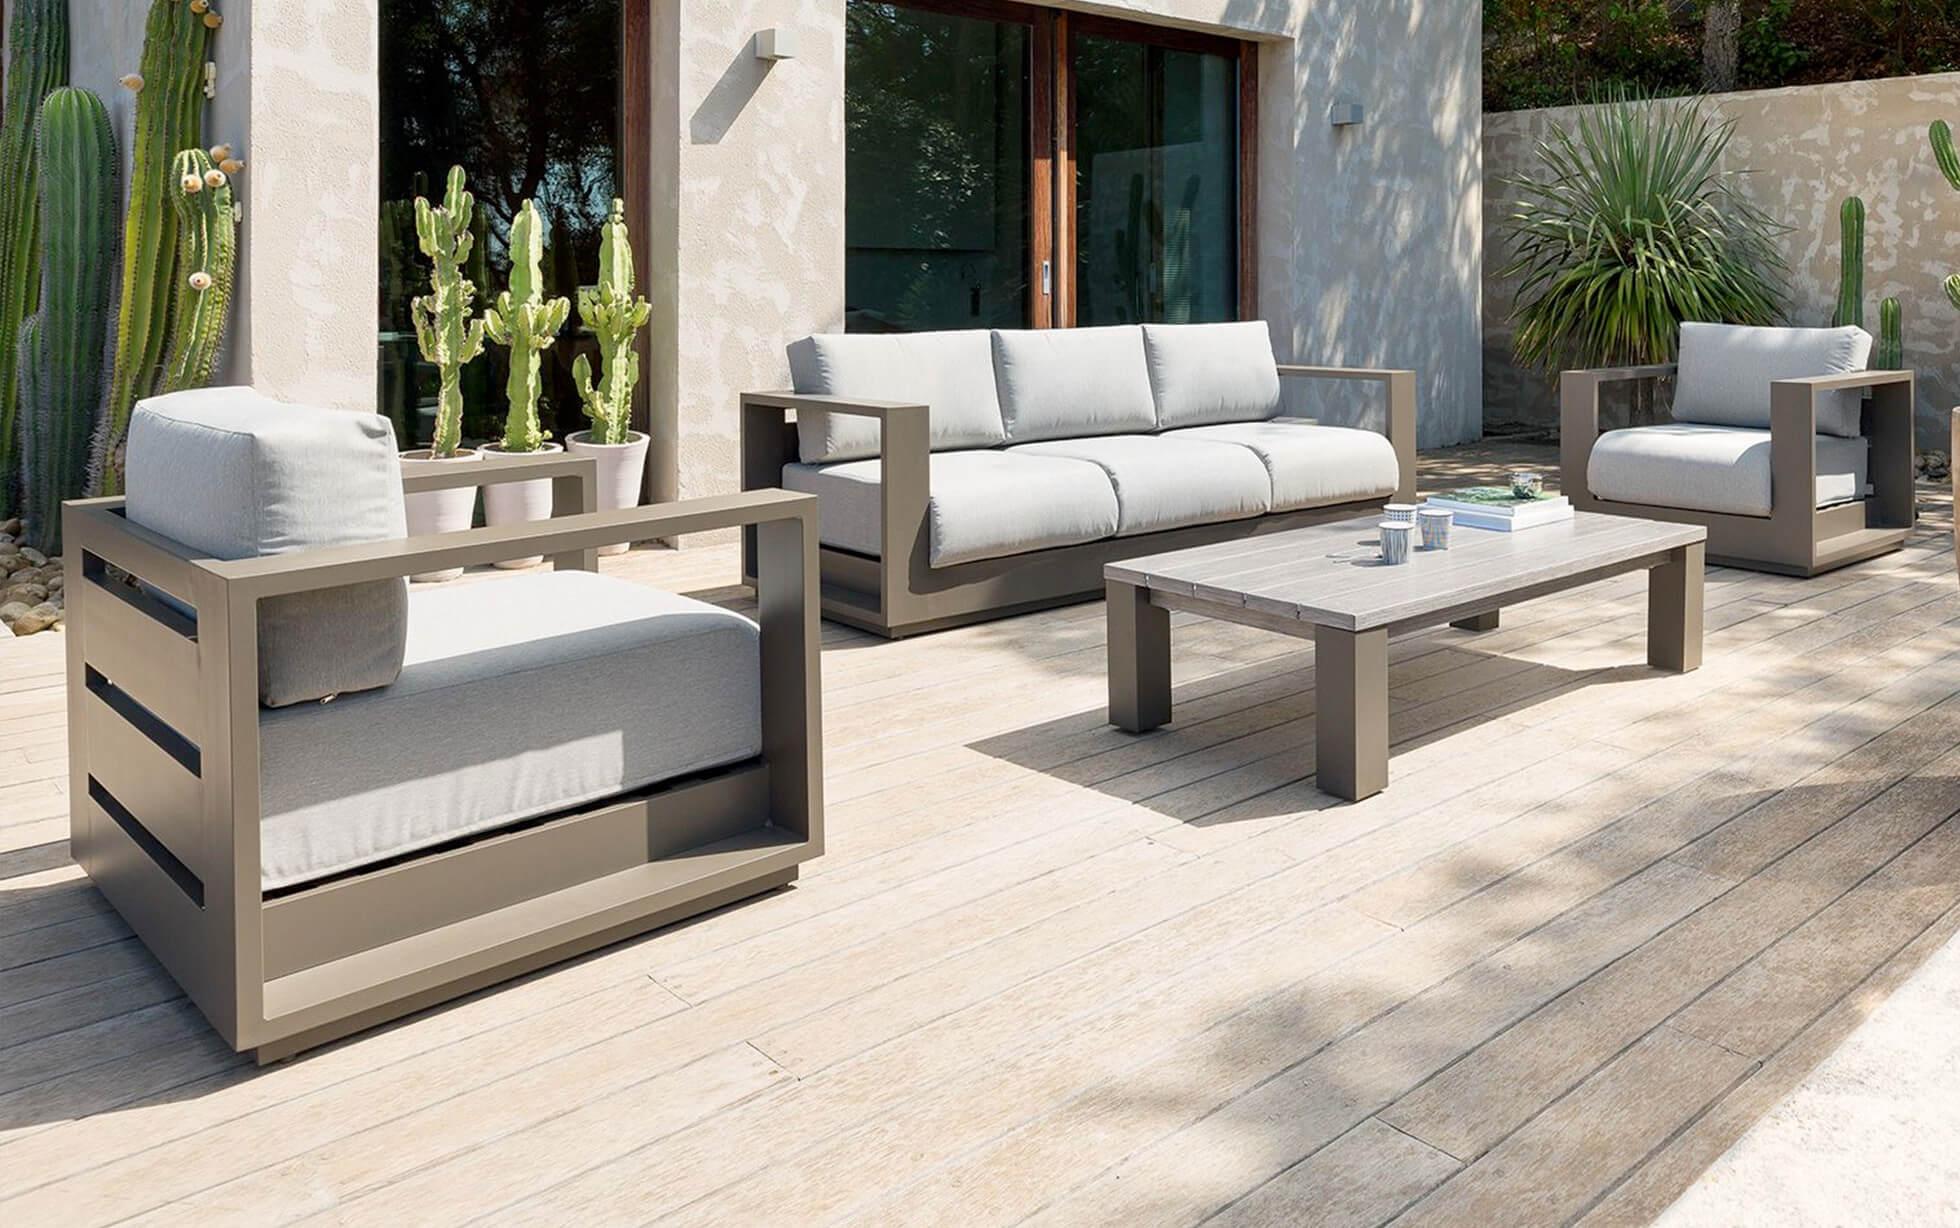 Salon De Jardin Leger salon de jardin : comment choisir son mobilier de jardin